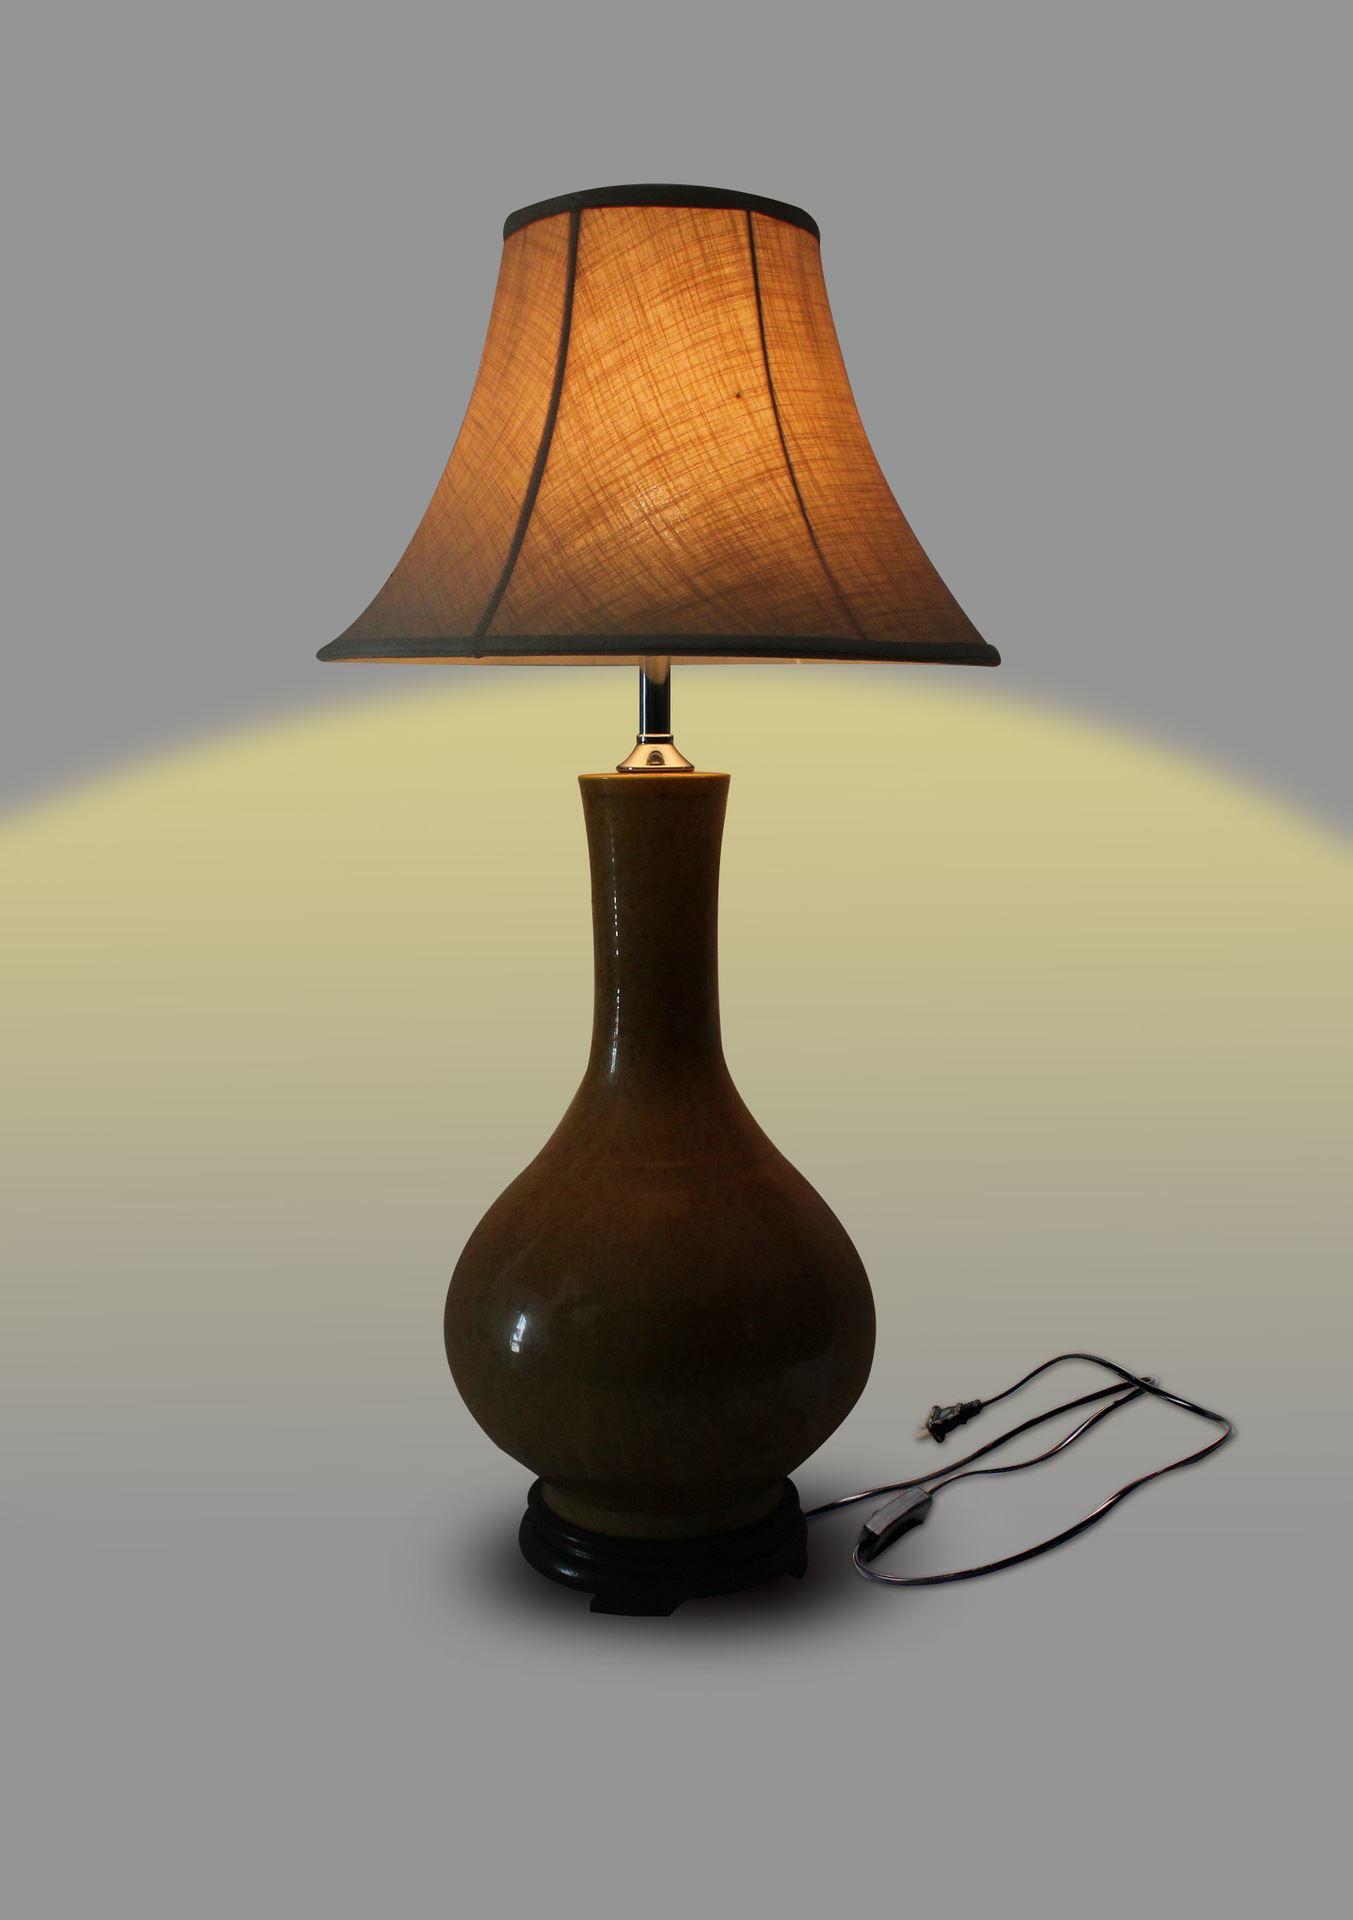 DSDB01景德镇 陶瓷 黄釉大天球灯具 台灯 灯具 灯饰 家居摆设